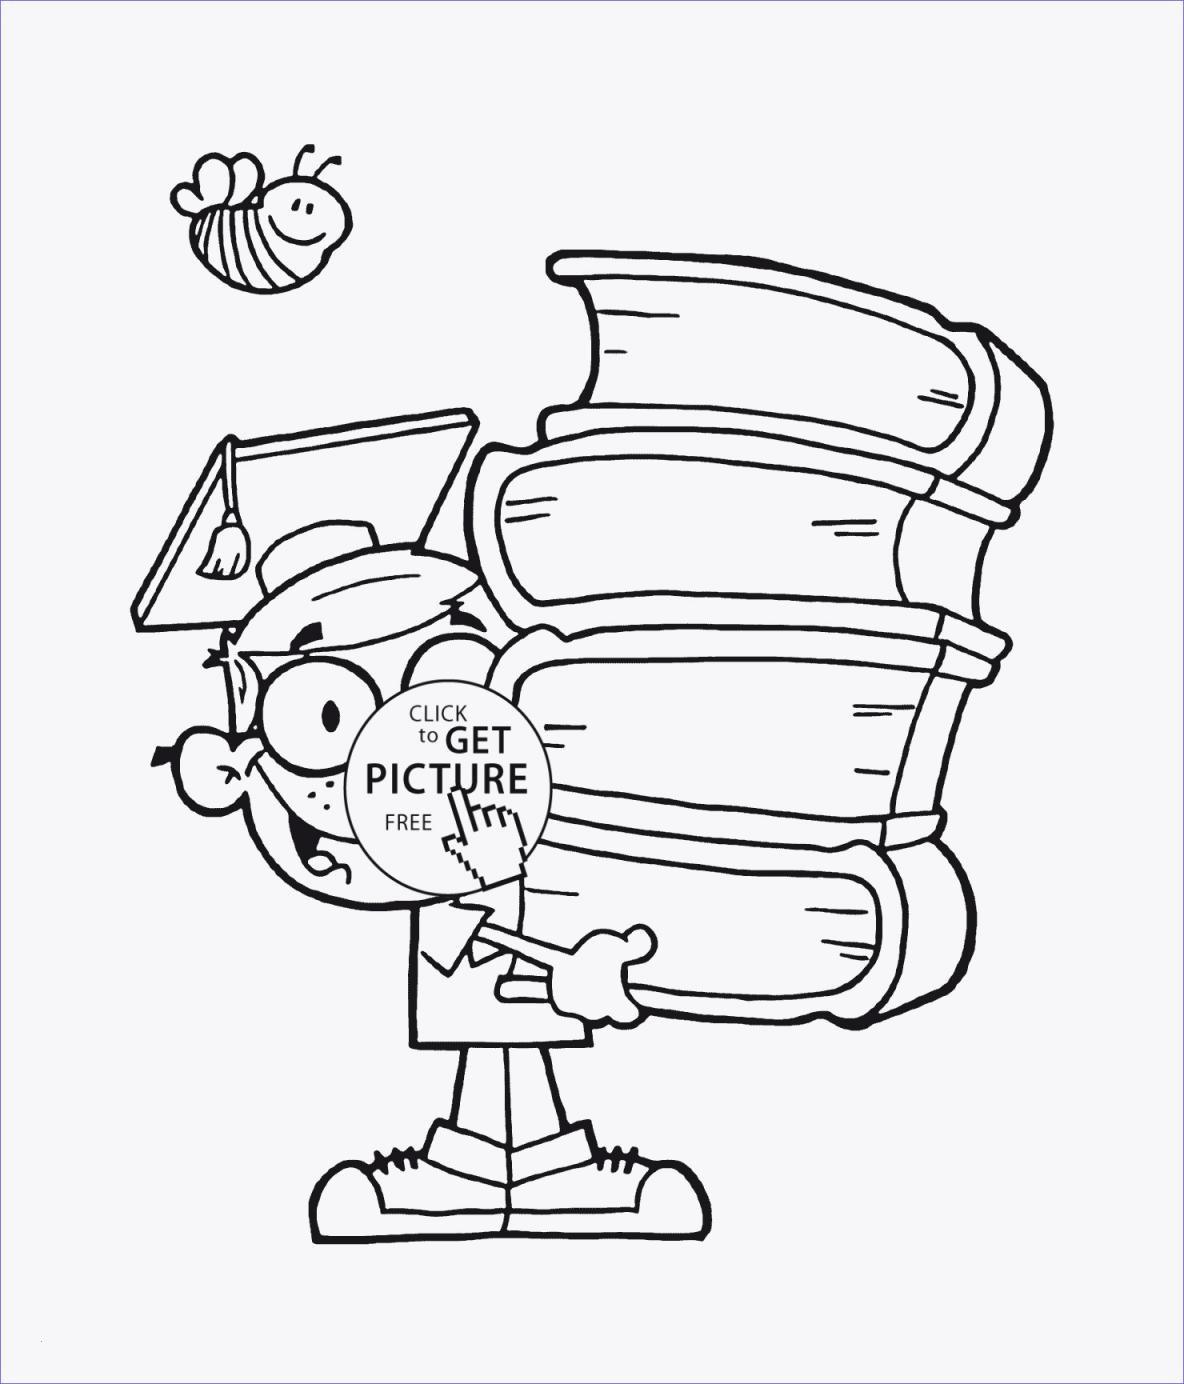 Ausmalbilder Winnie Pooh Frisch Malvorlagen Igel Frisch Igel Grundschule 0d Archives Uploadertalk Fotografieren